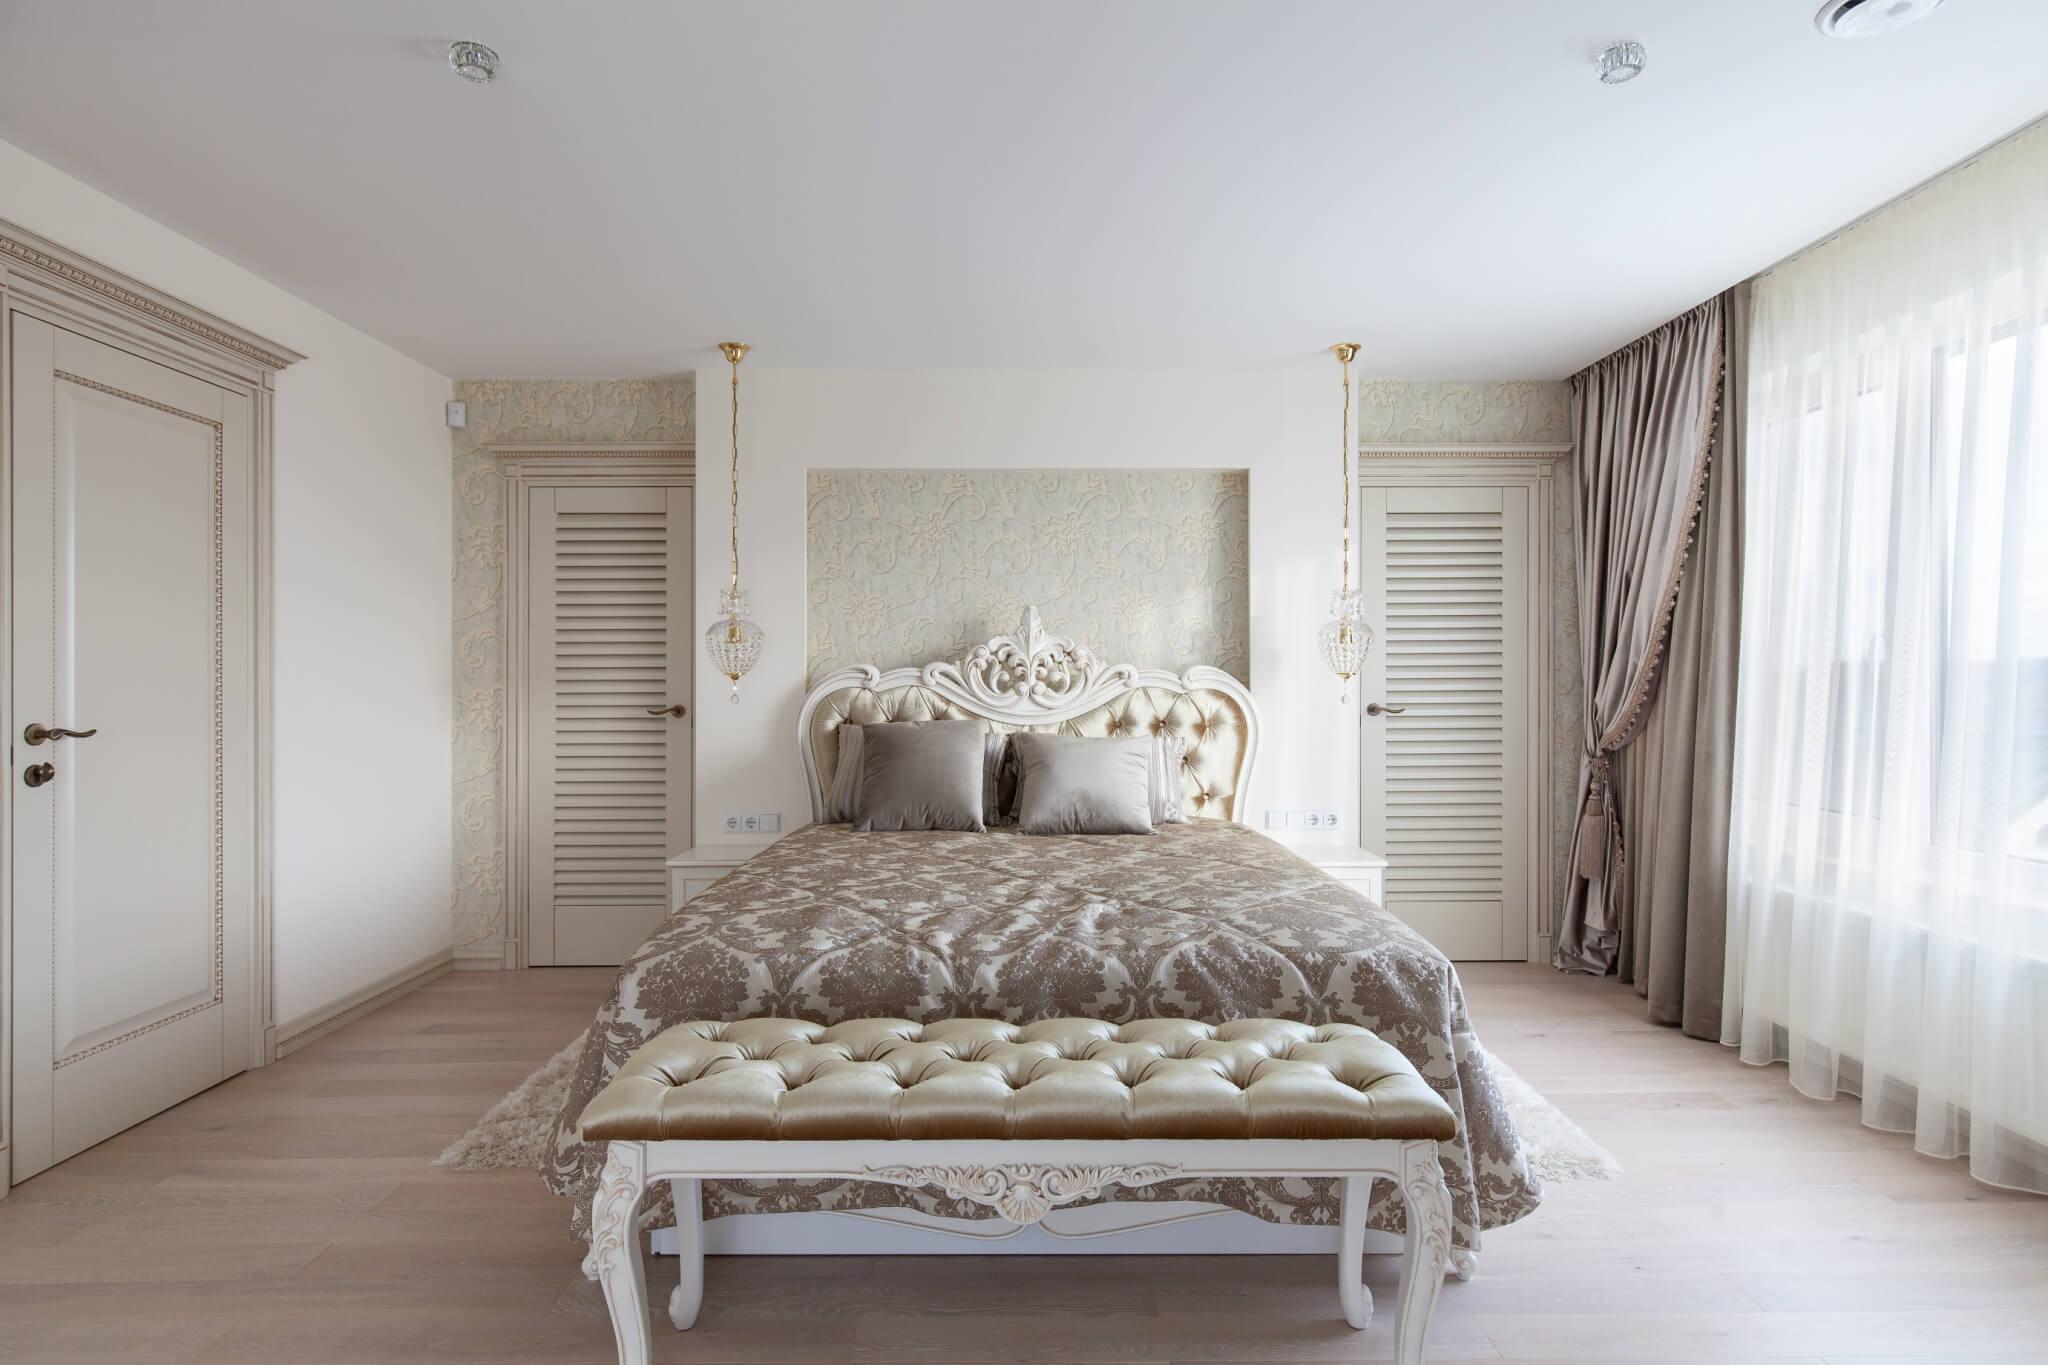 Prabangi miegamojo lova su medžio drožyba ir suoliukas